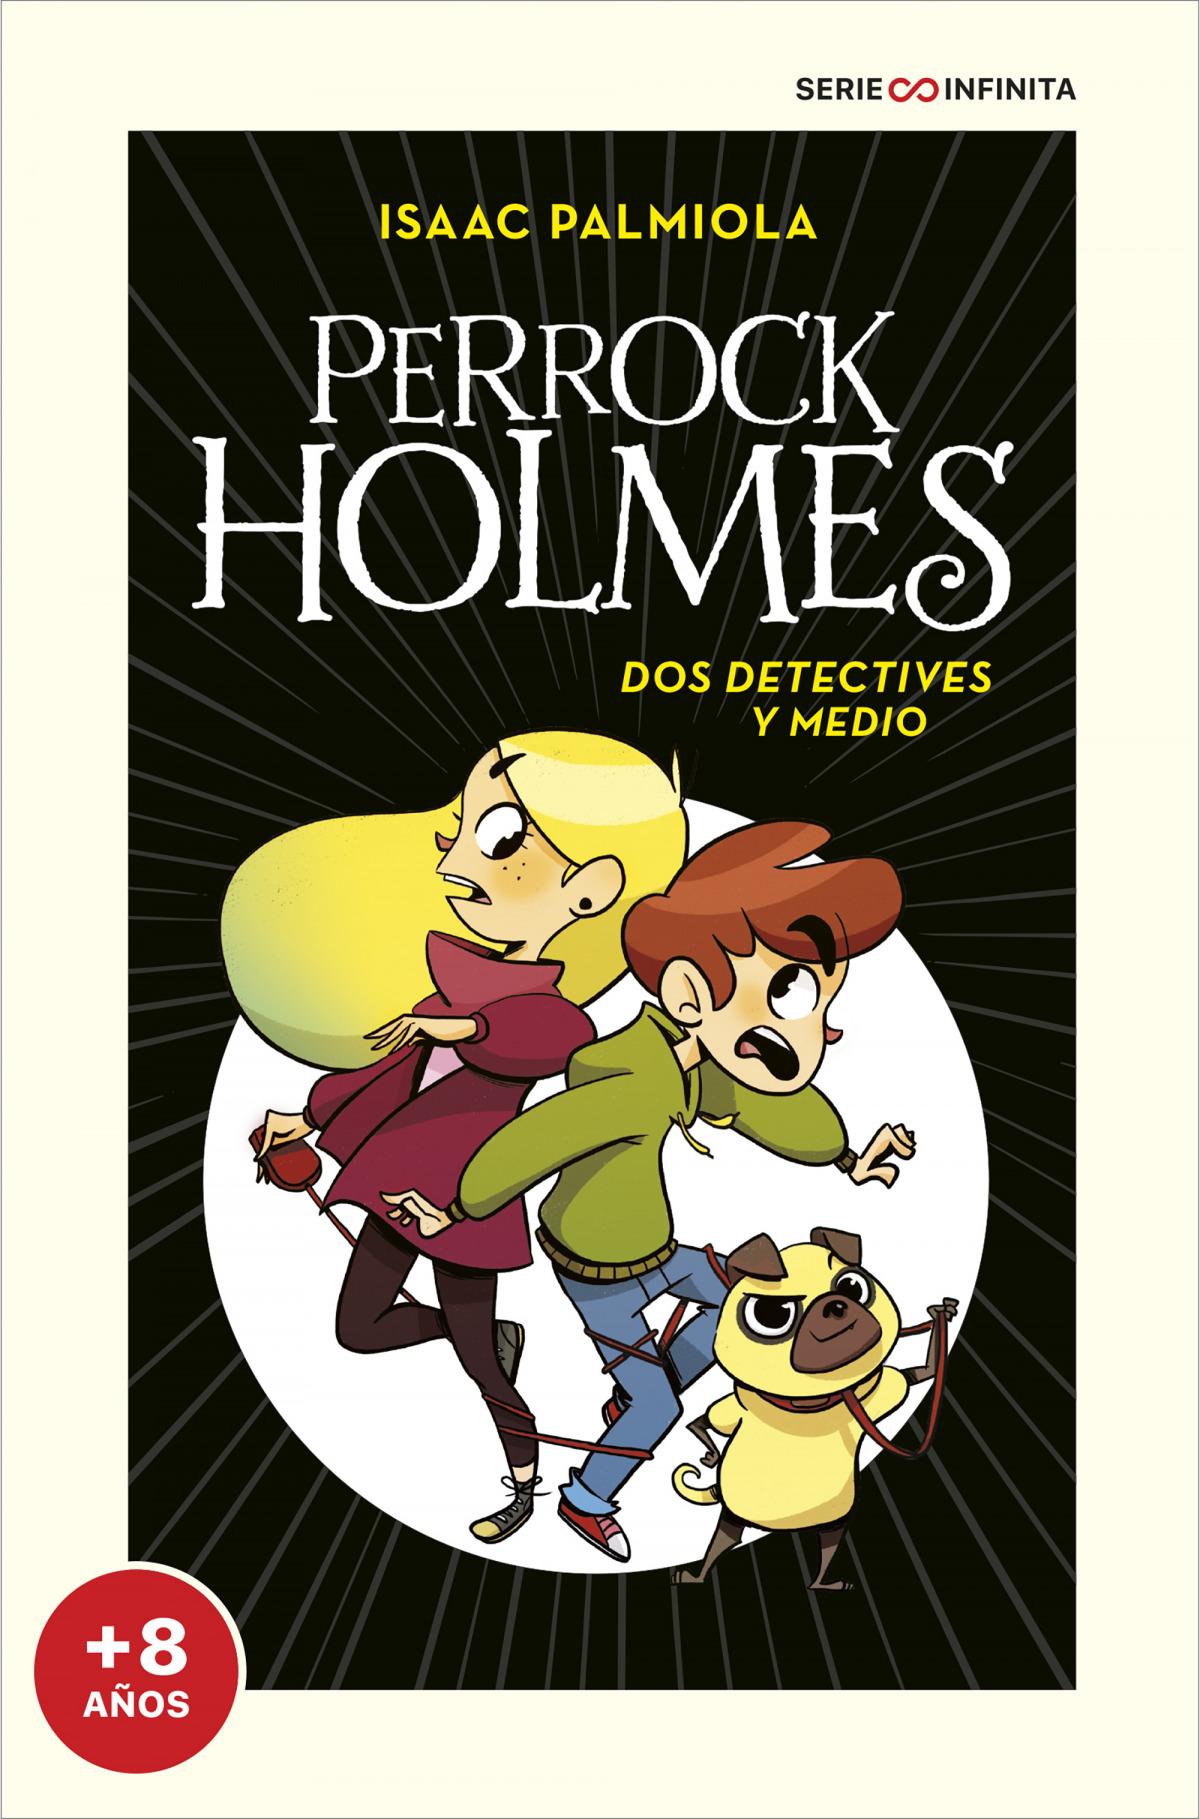 Dos detectives y medio (EDICIÓN ESCOLAR) (Serie Perrock Holmes 1) 9788418594496